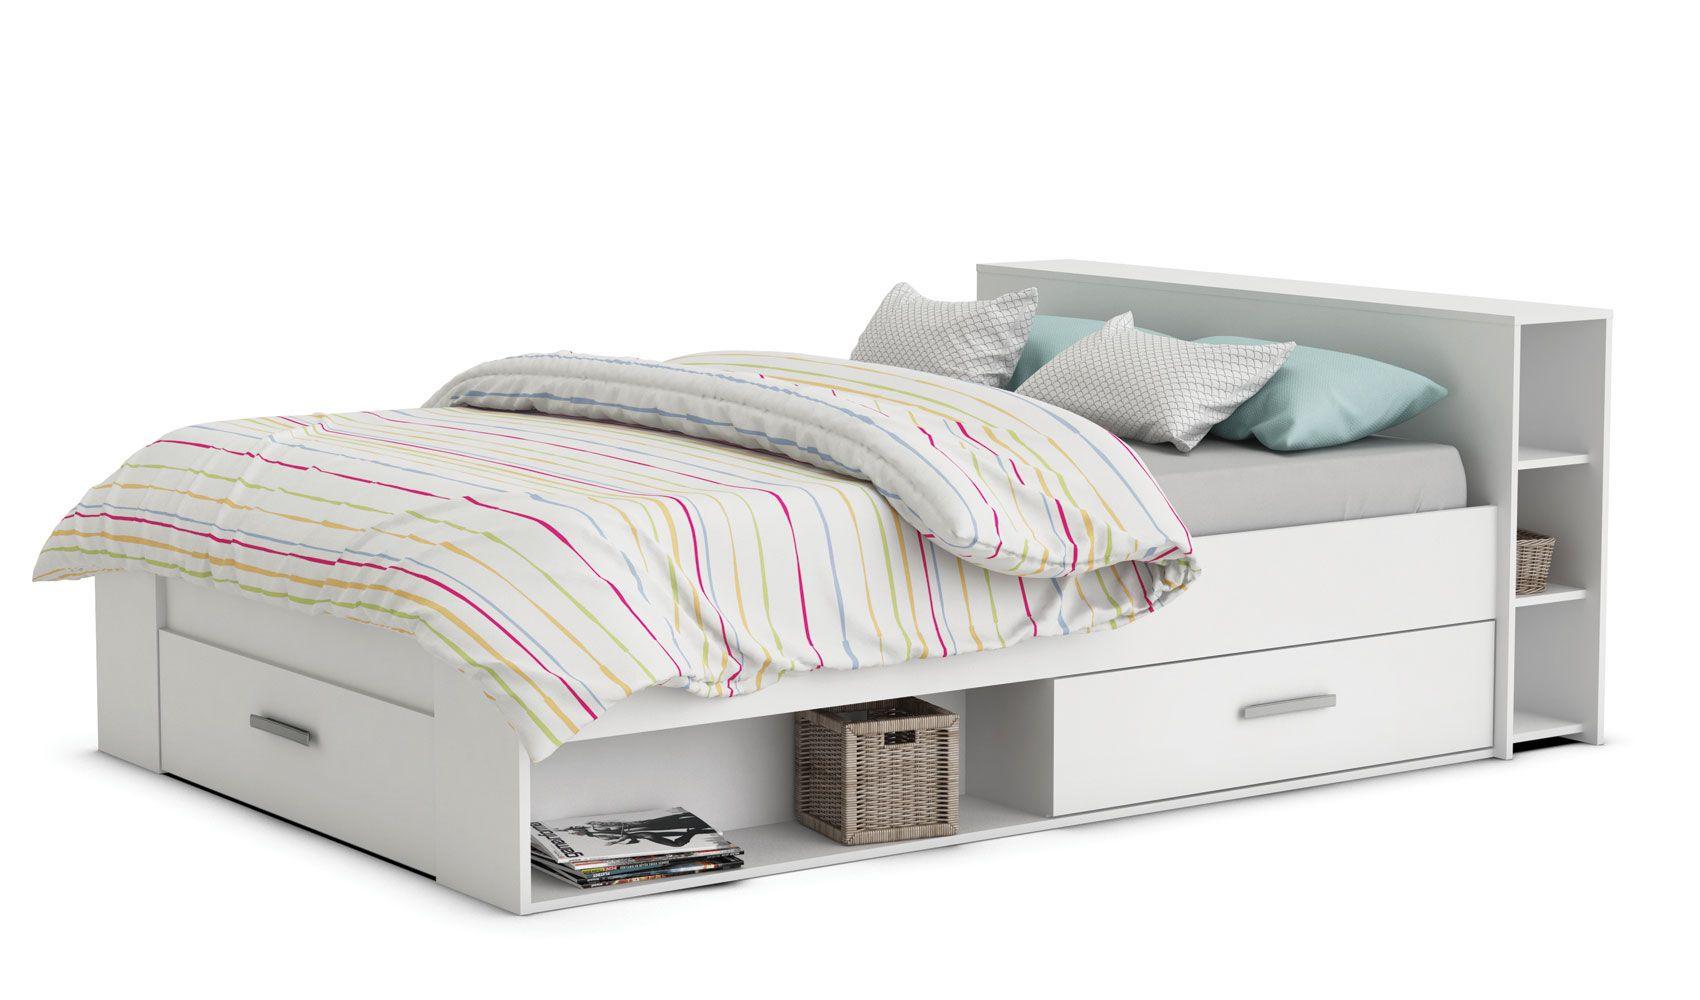 Full Size of Bett 120x200 Mit Bettkasten Angenehm Stauraum Galerien Modern Design 190x90 Tatami Weiß 100x200 Big Sofa Schlaffunktion 140x220 200x200 140x200 Matratze Und Bett Bett 120x200 Mit Bettkasten